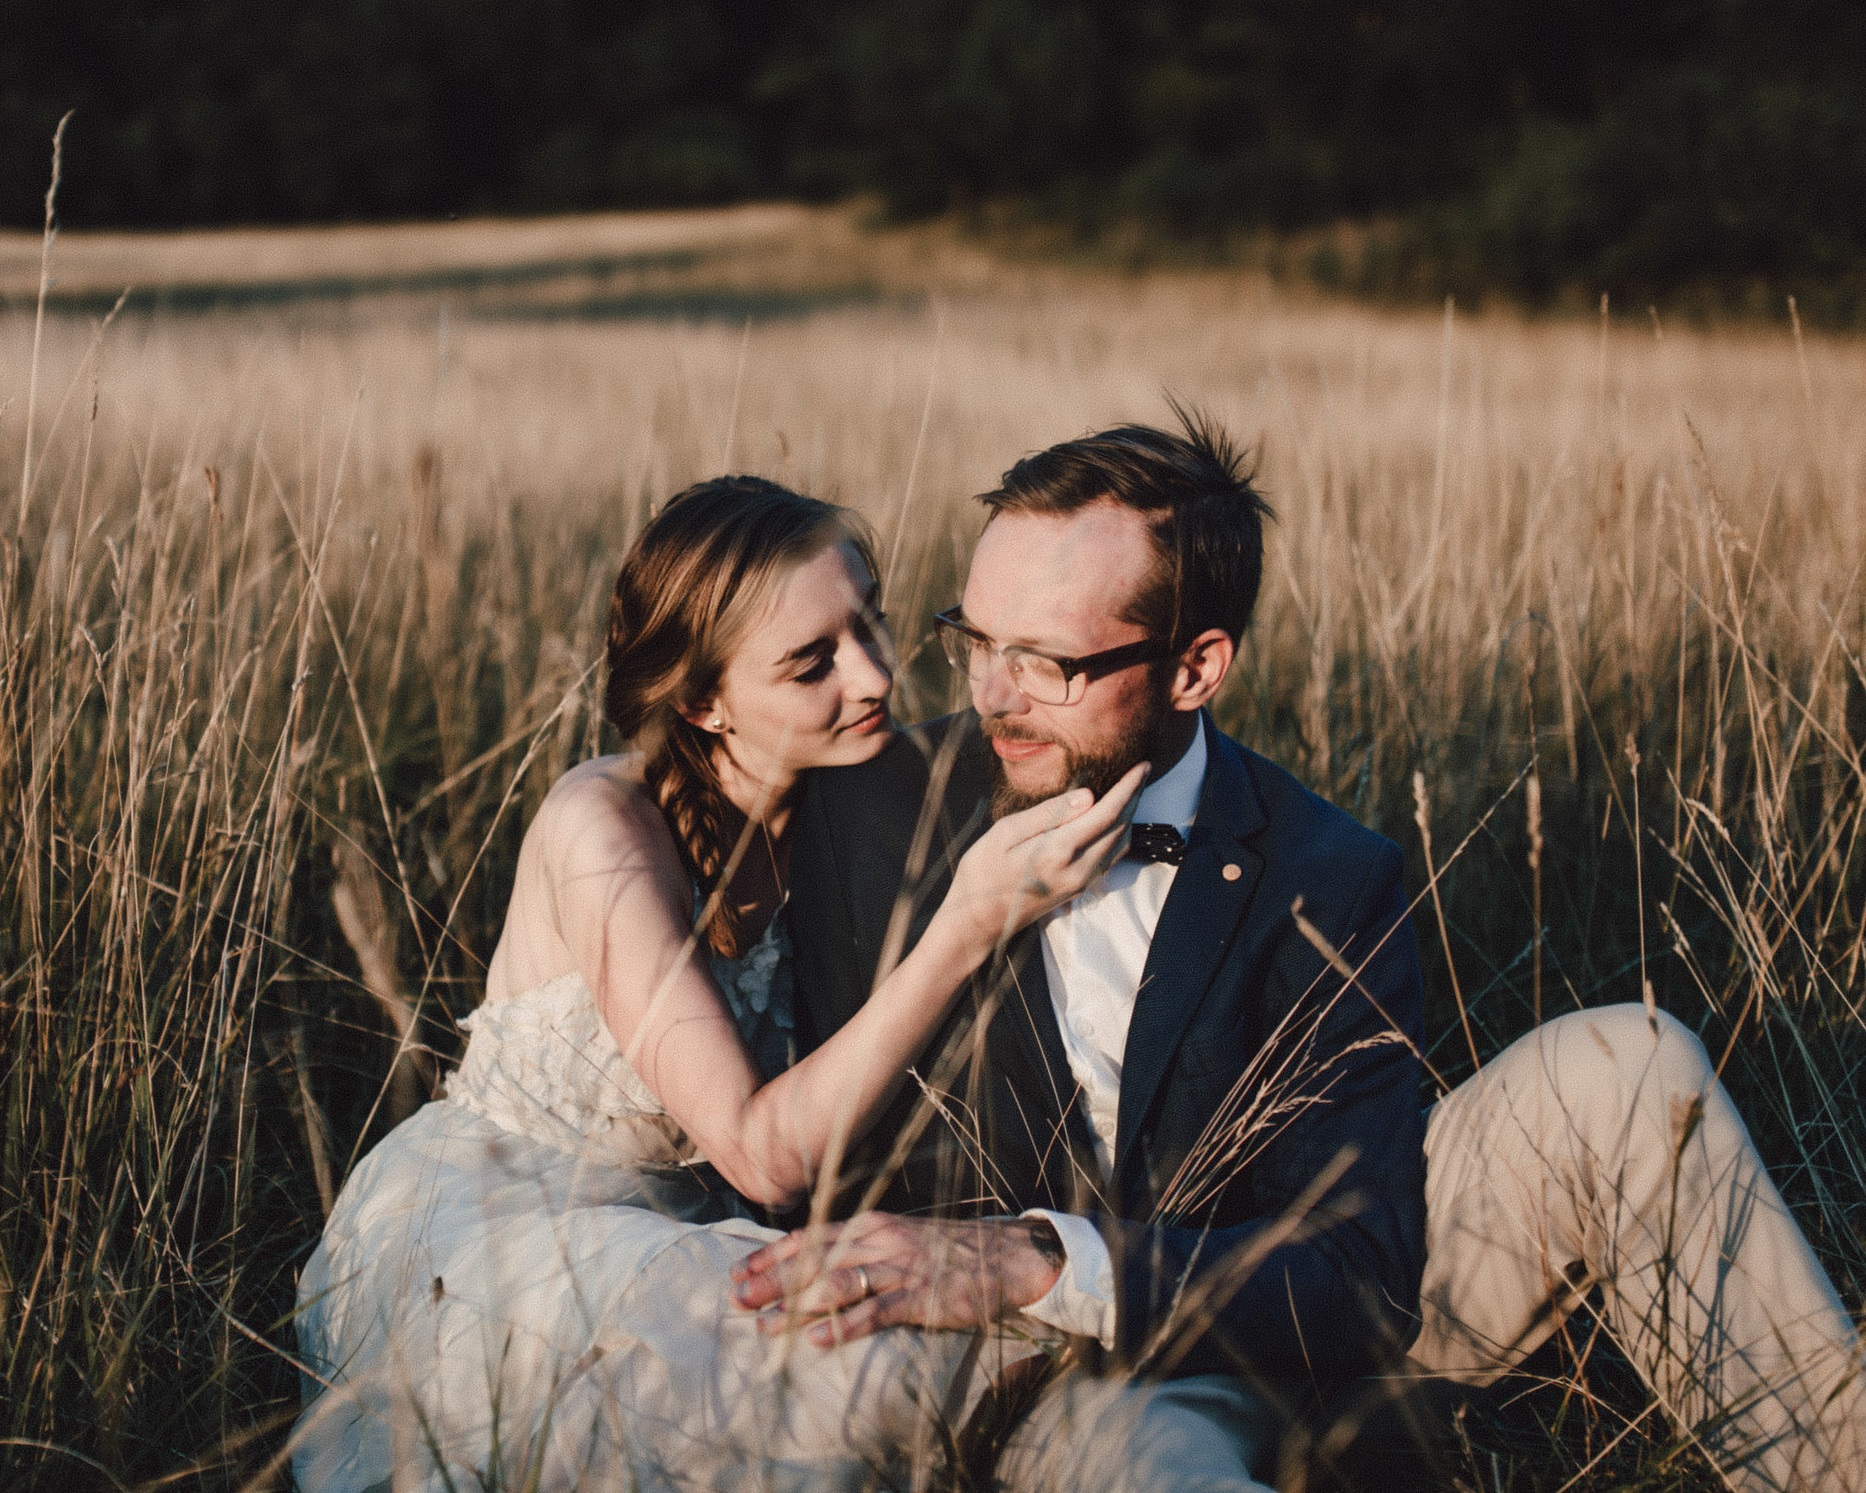 Svatba 01 - krátké a malé svatby6 hodin foceníonline galerieflash diskpředsvatební párové focení16000,-(+ cestovné z Ústí n.L.)